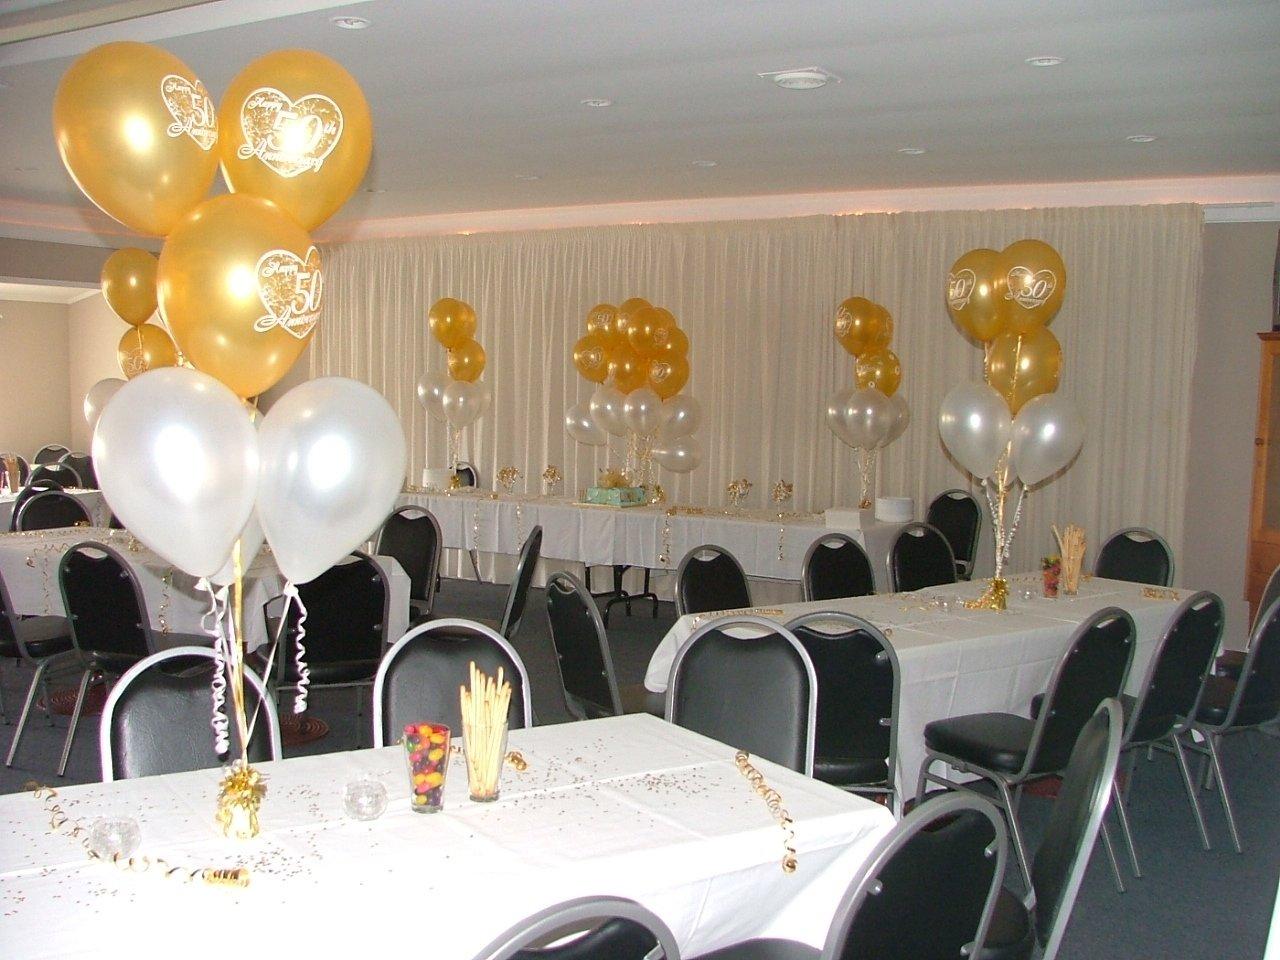 10 Wonderful Wedding Anniversary Ideas On A Budget 50th wedding anniversary party ideas on a budget low budget 50th 2020